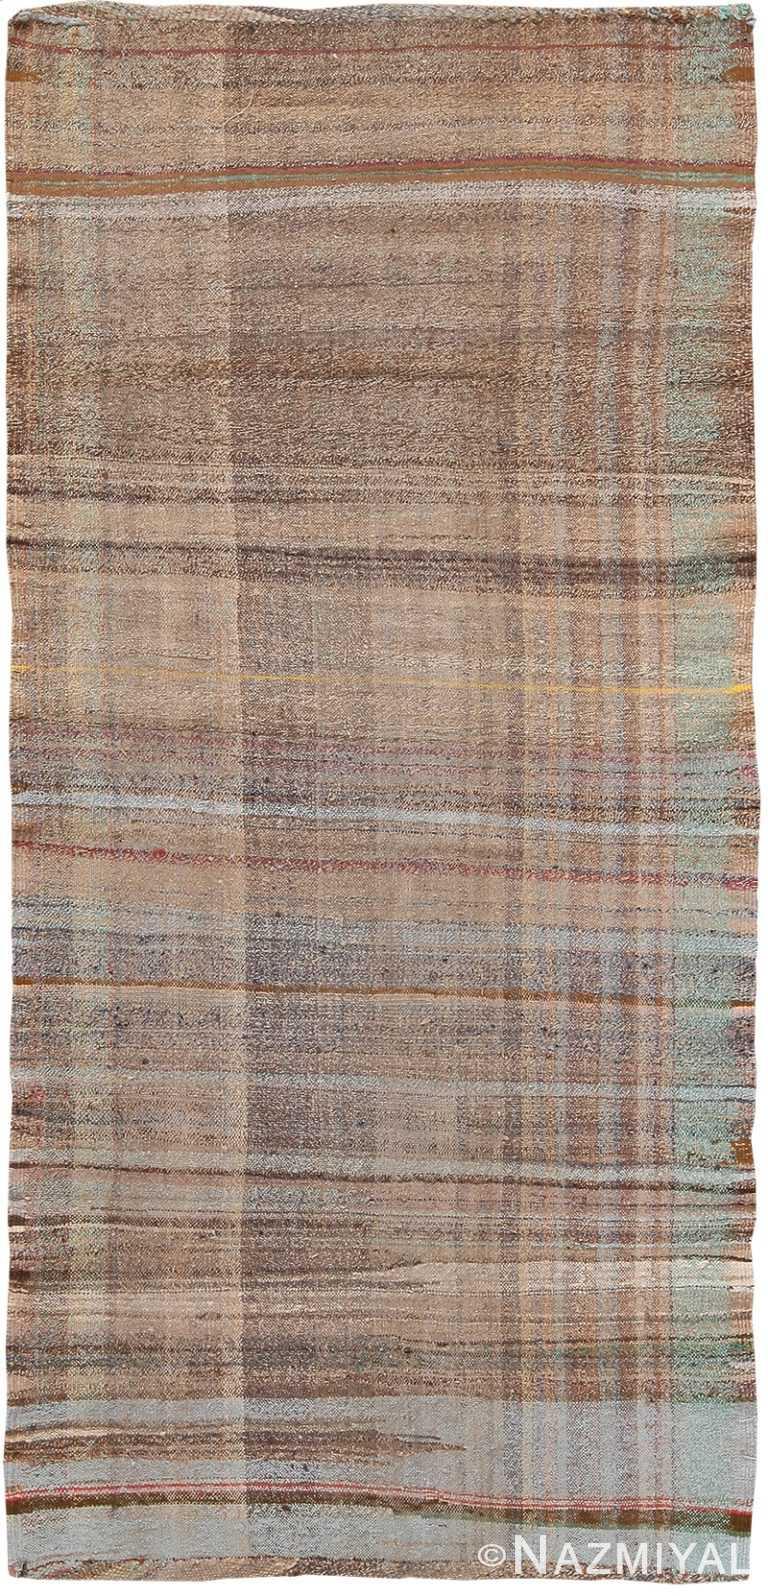 Earth Tone Vintage Persian Kilim Runner Rug 60362 by Nazmiyal NYC